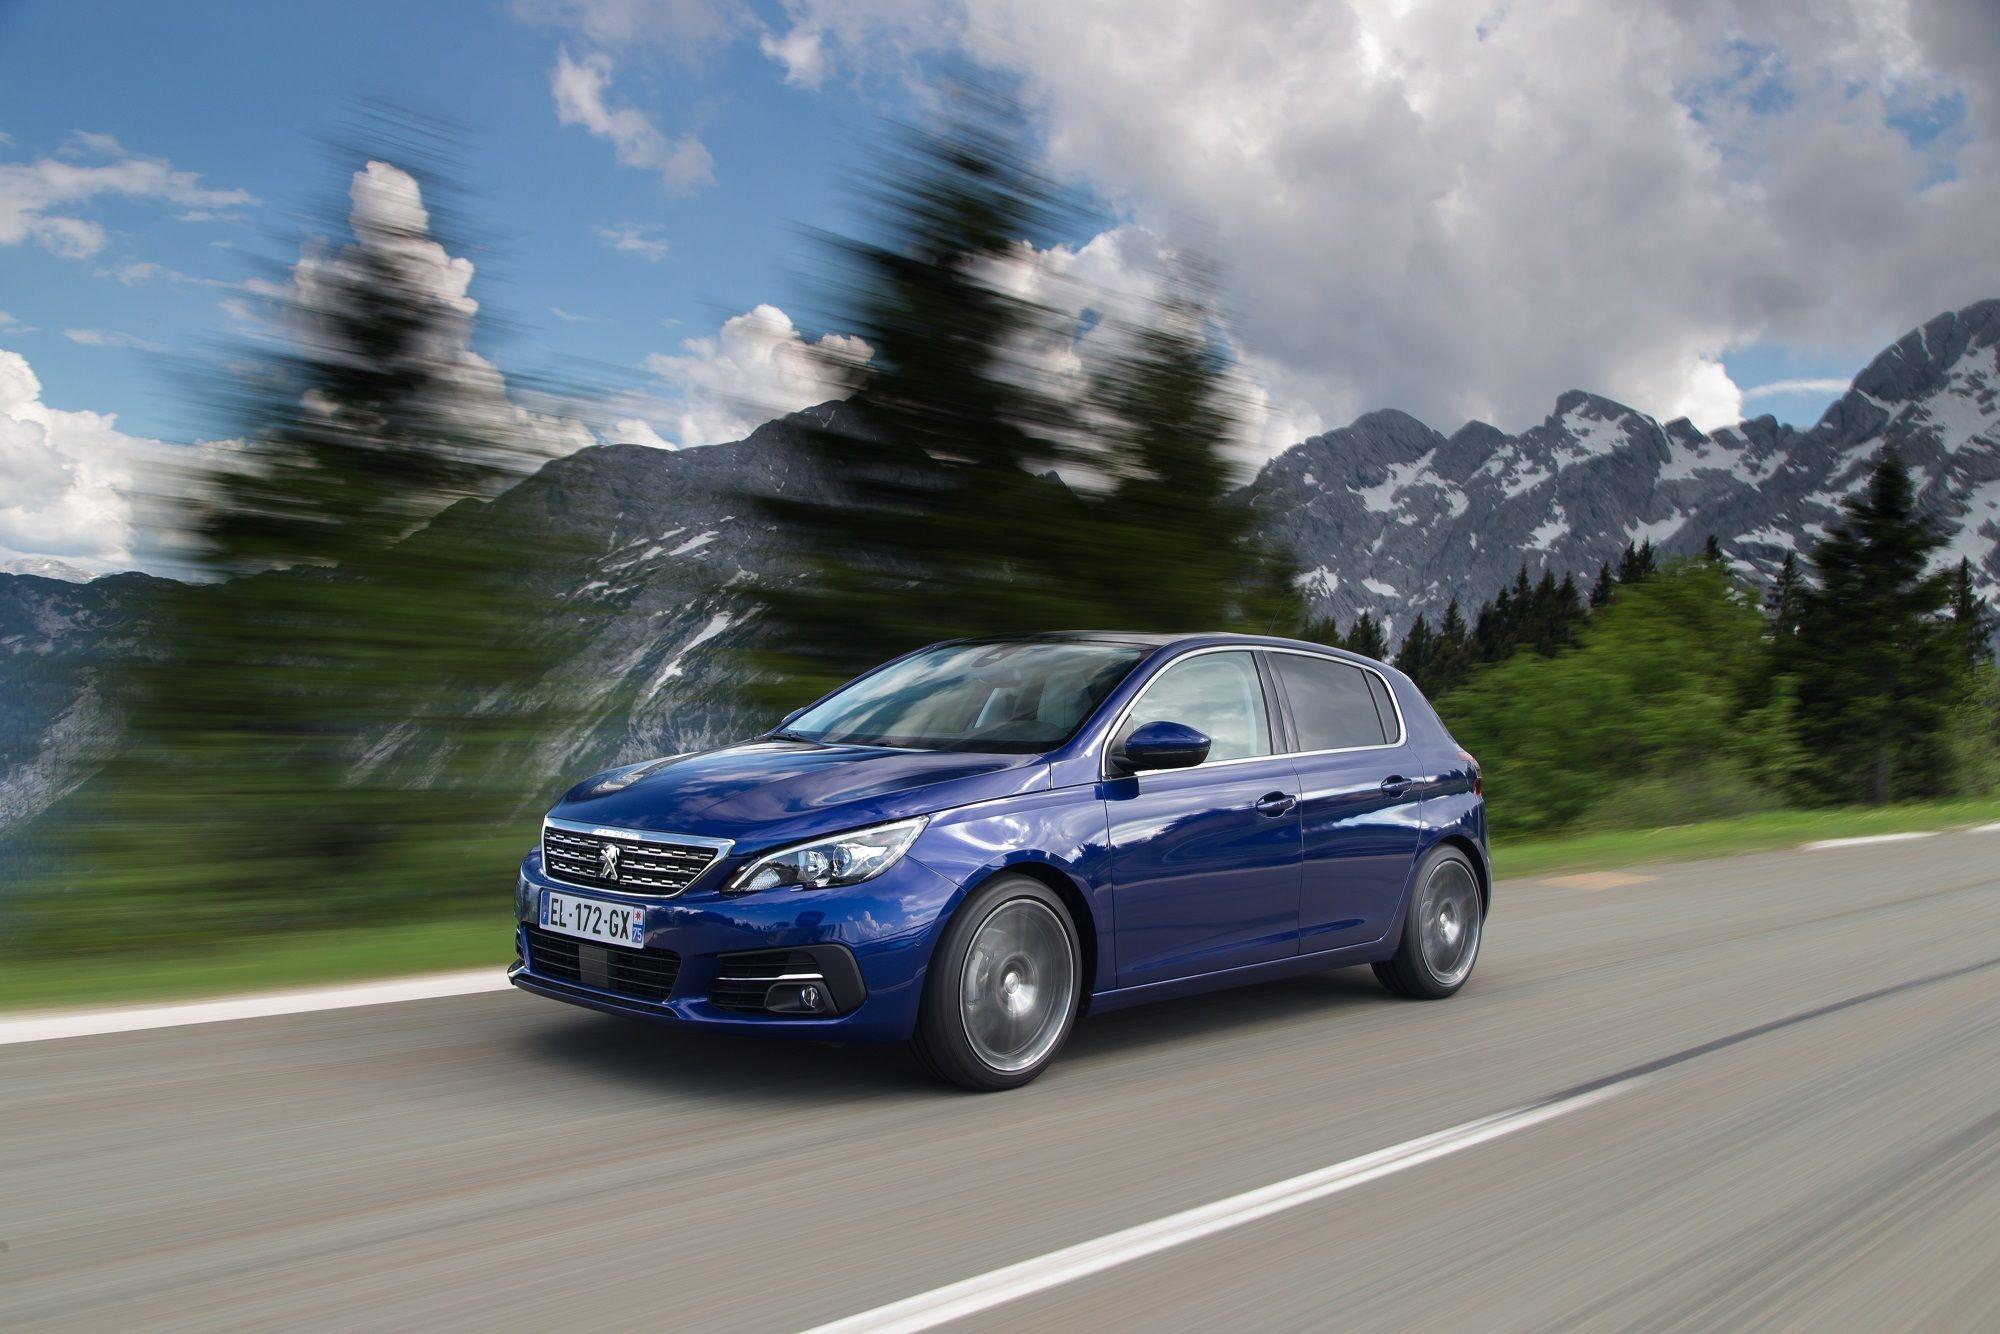 El Nuevo Peugeot 308 apuesta por las prestaciones, el confort y la eficiencia como grandes bazas